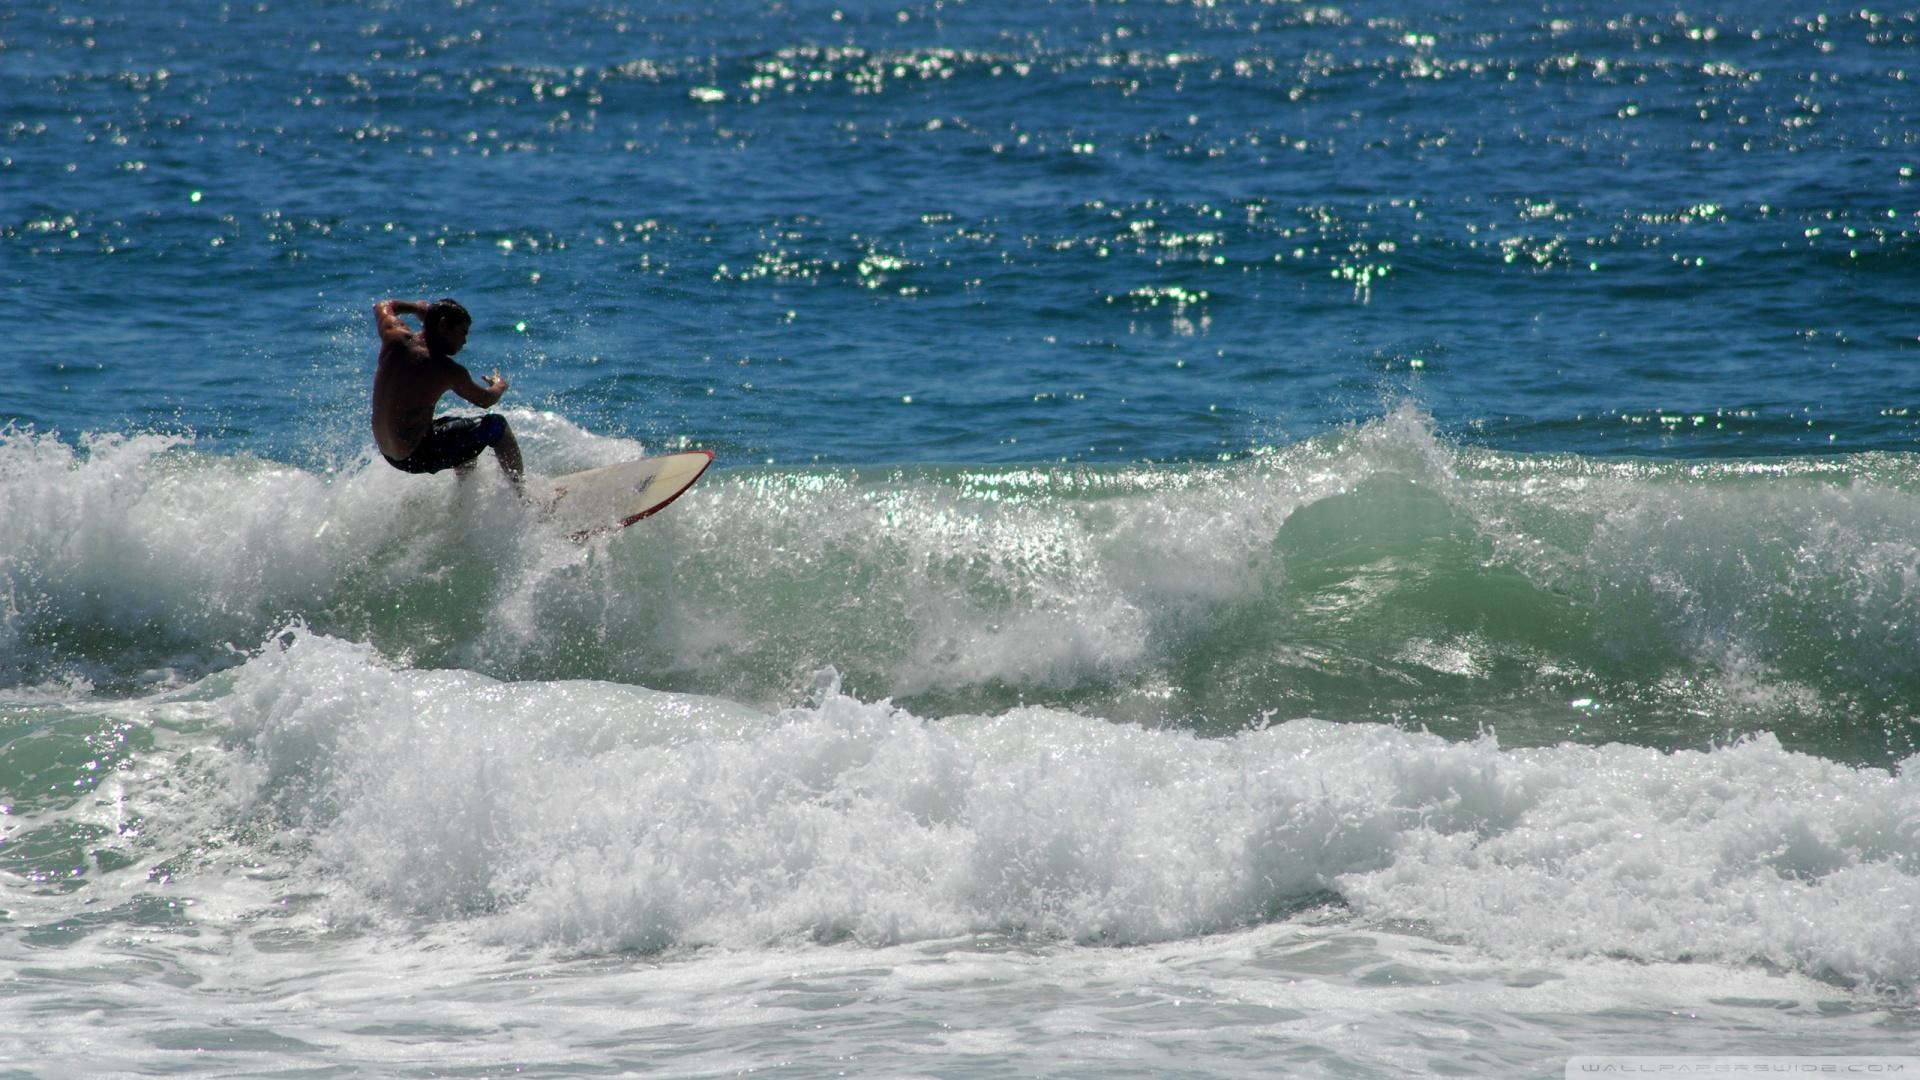 Surfing 2 Wallpaper 1920x1080 Surfing 2 1920x1080